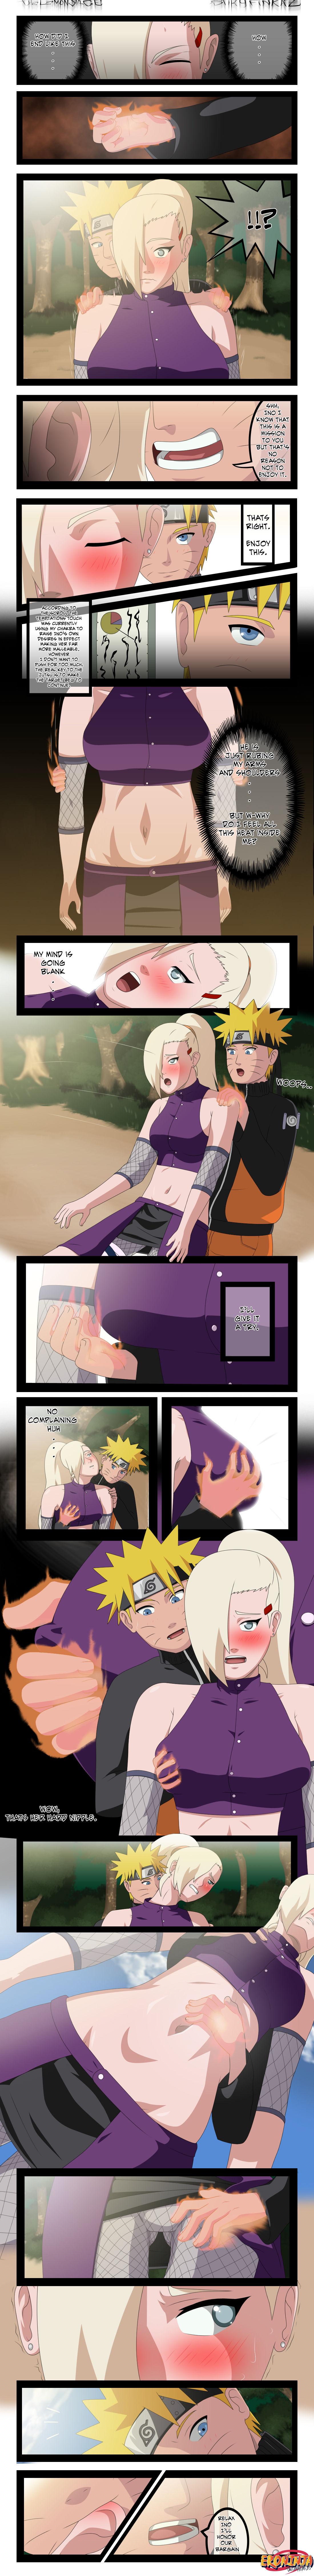 Ero Ninja 1 Hentai 03